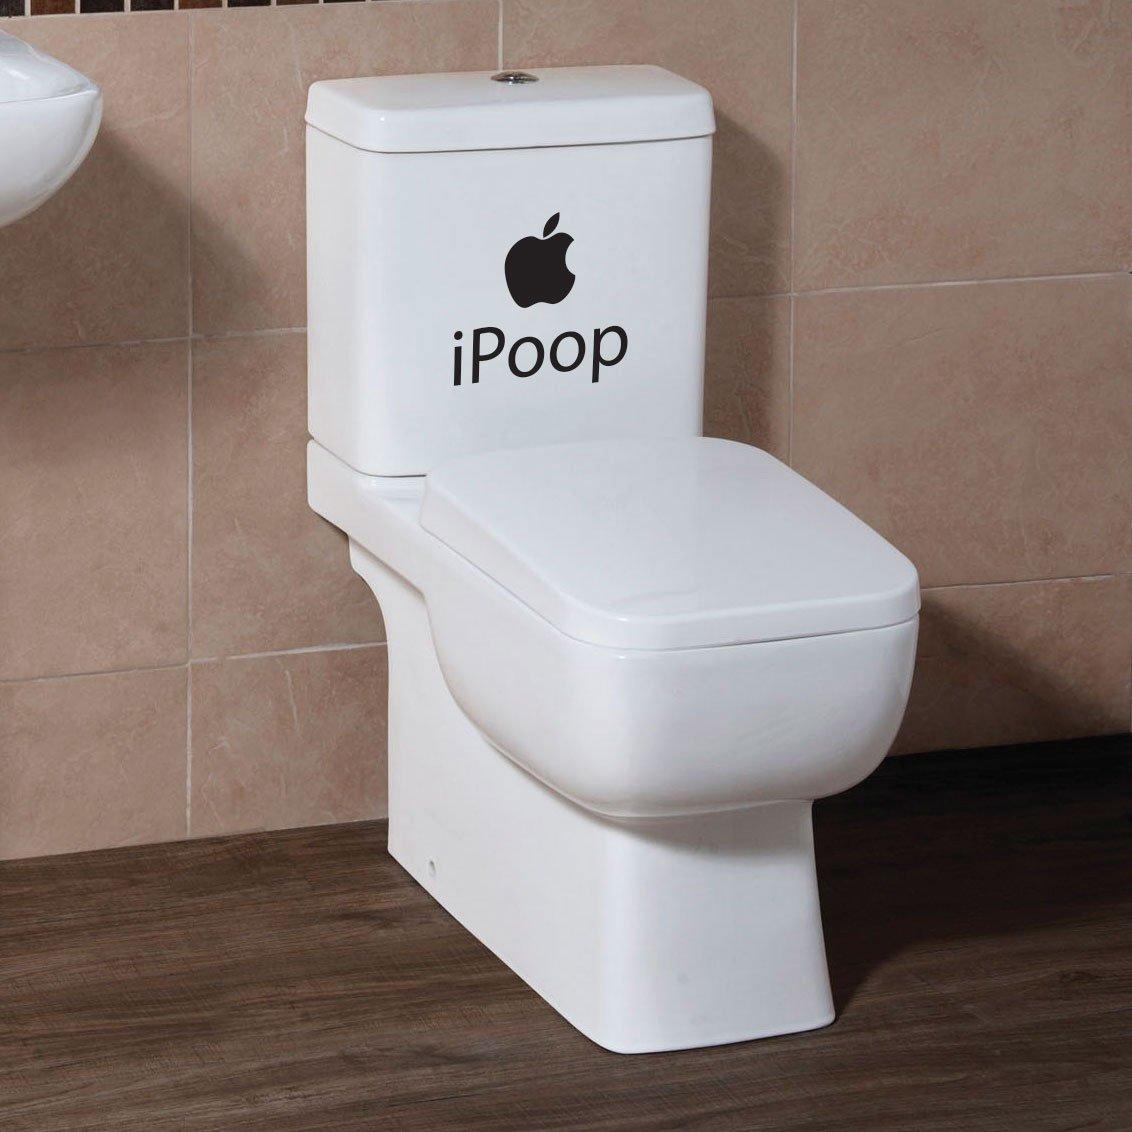 iPoop Toilet Seat Bathroom Decals Stickers PC Car Moto Decals Apple Funny  Joke  Amazon co uk  Kitchen   Home. iPoop Toilet Seat Bathroom Decals Stickers PC Car Moto Decals